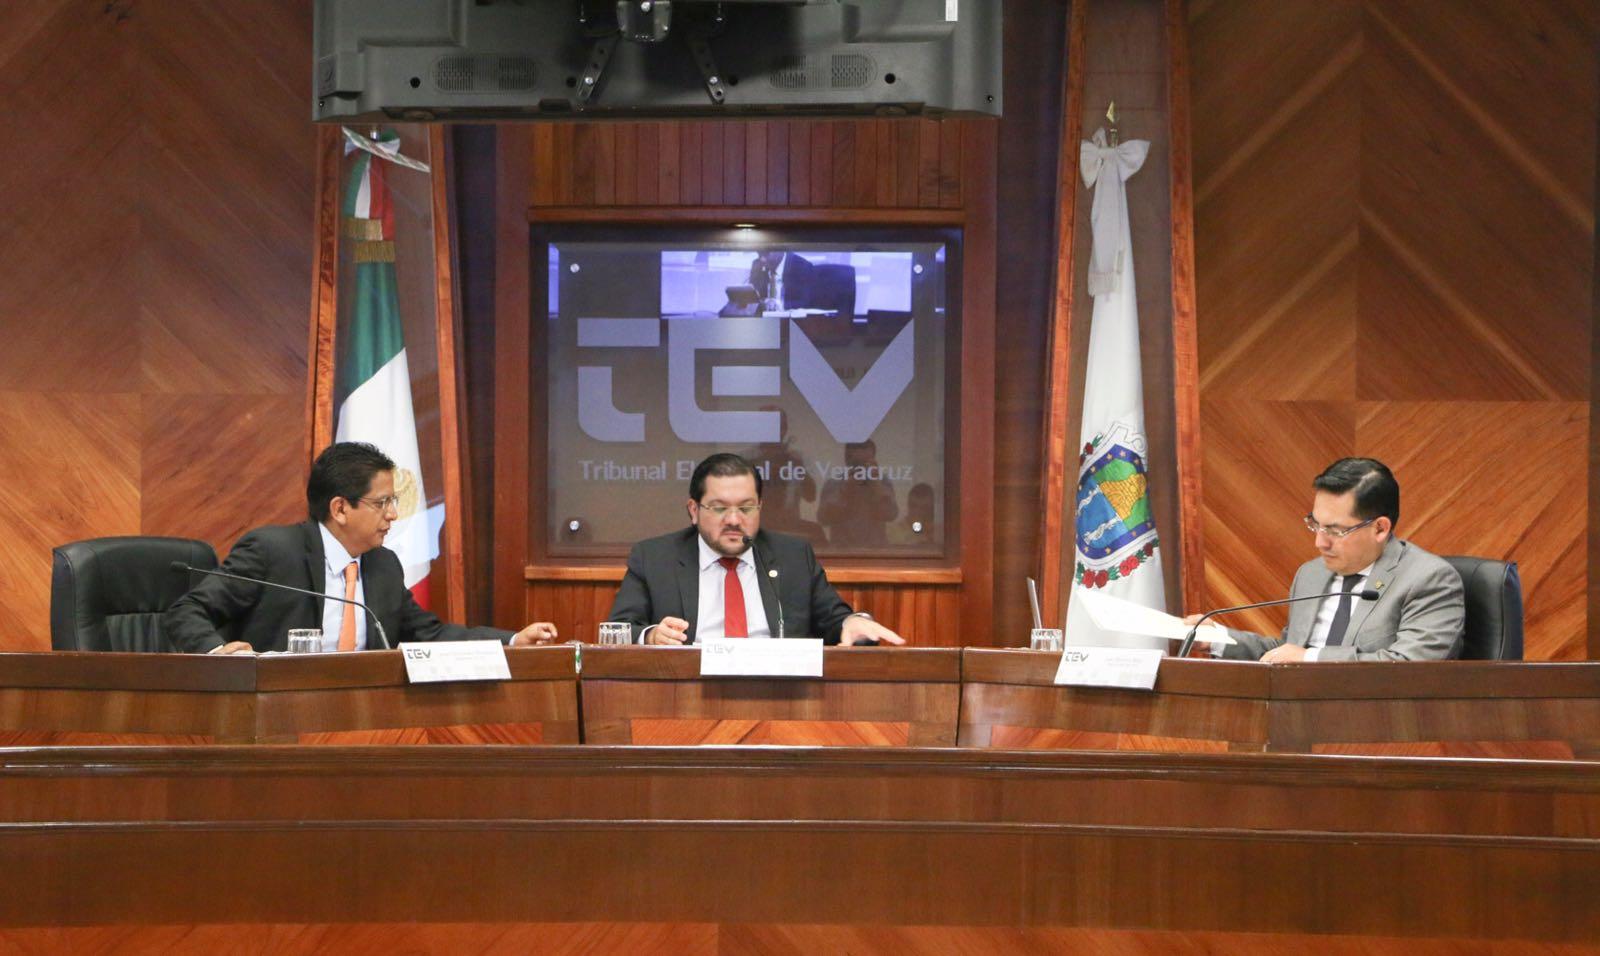 LE JALAN LAS OREJAS AL OPLEV: Ordena el TEV al OPLE Veracruz que modifique Reglamento